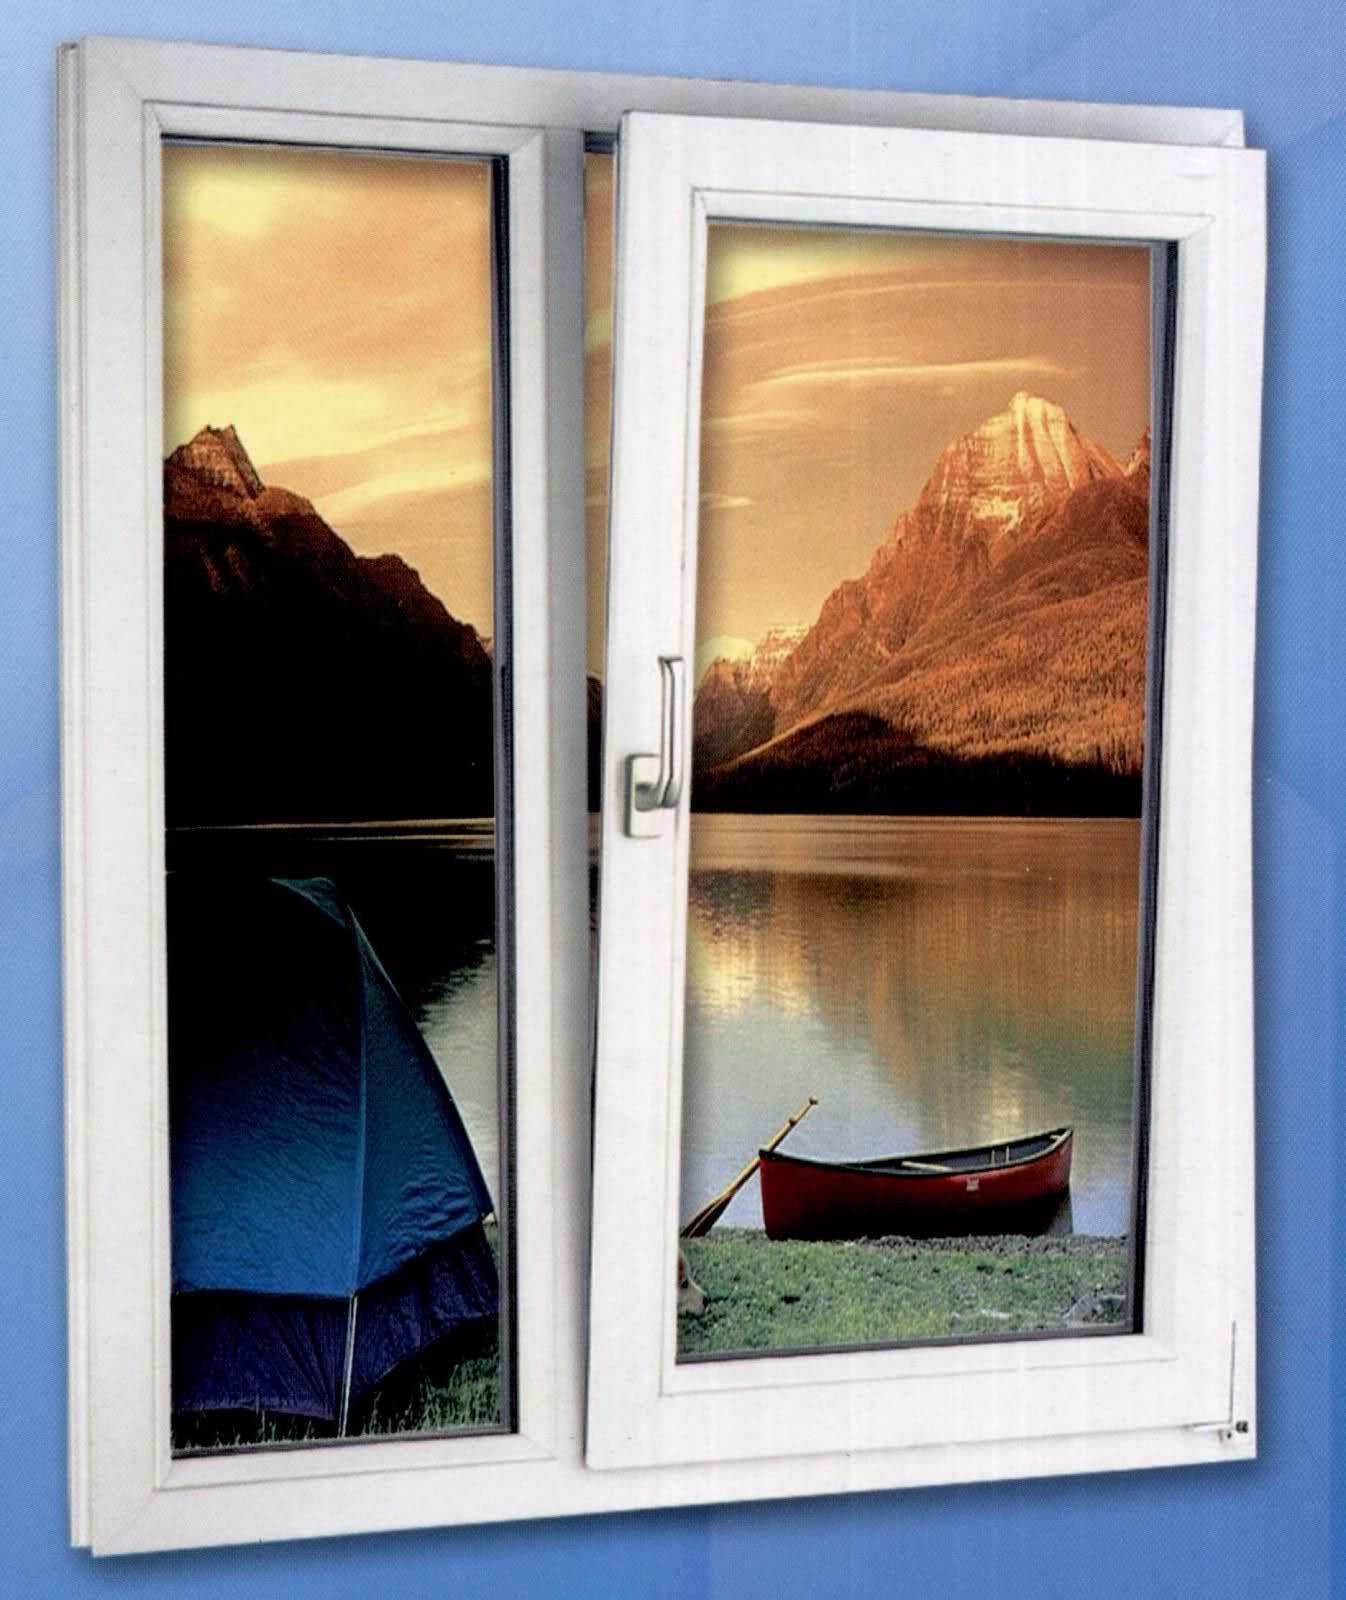 سیما پنجره تولید کننده درب و پنجره دوجداره UPVC - پنجره های دو ...آرشیو